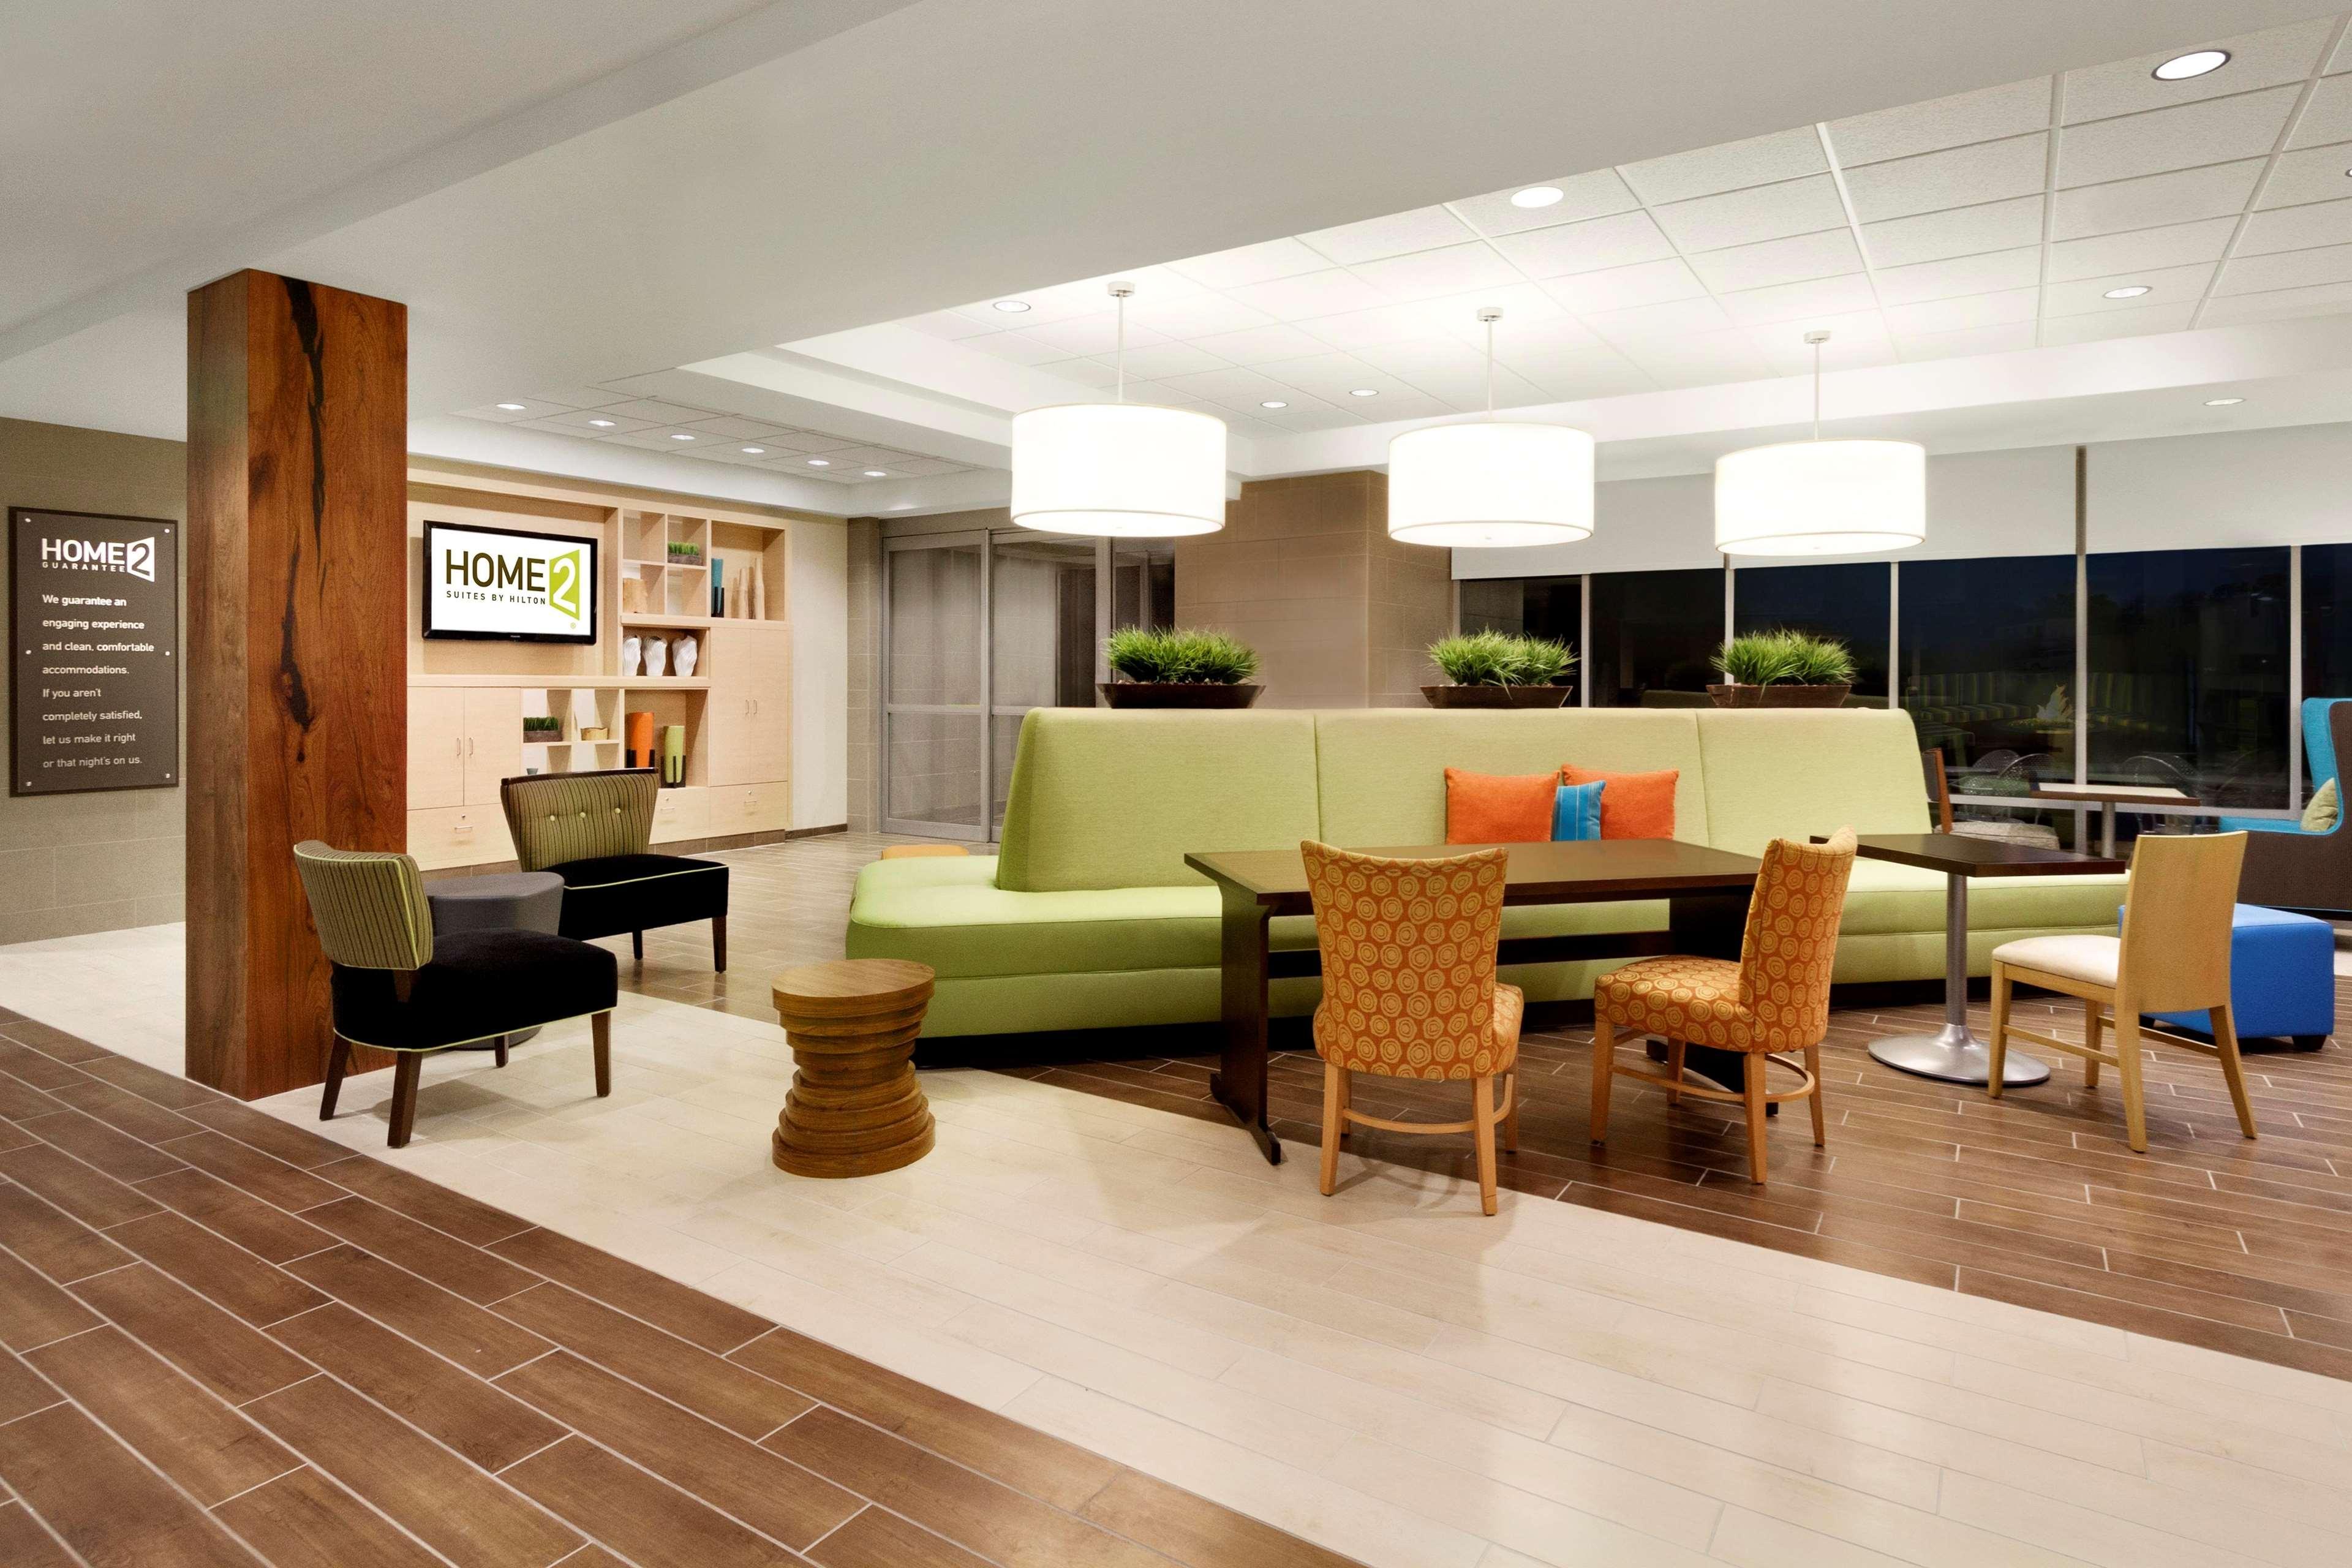 Home2 Suites by Hilton Lexington Park Patuxent River NAS, MD image 20